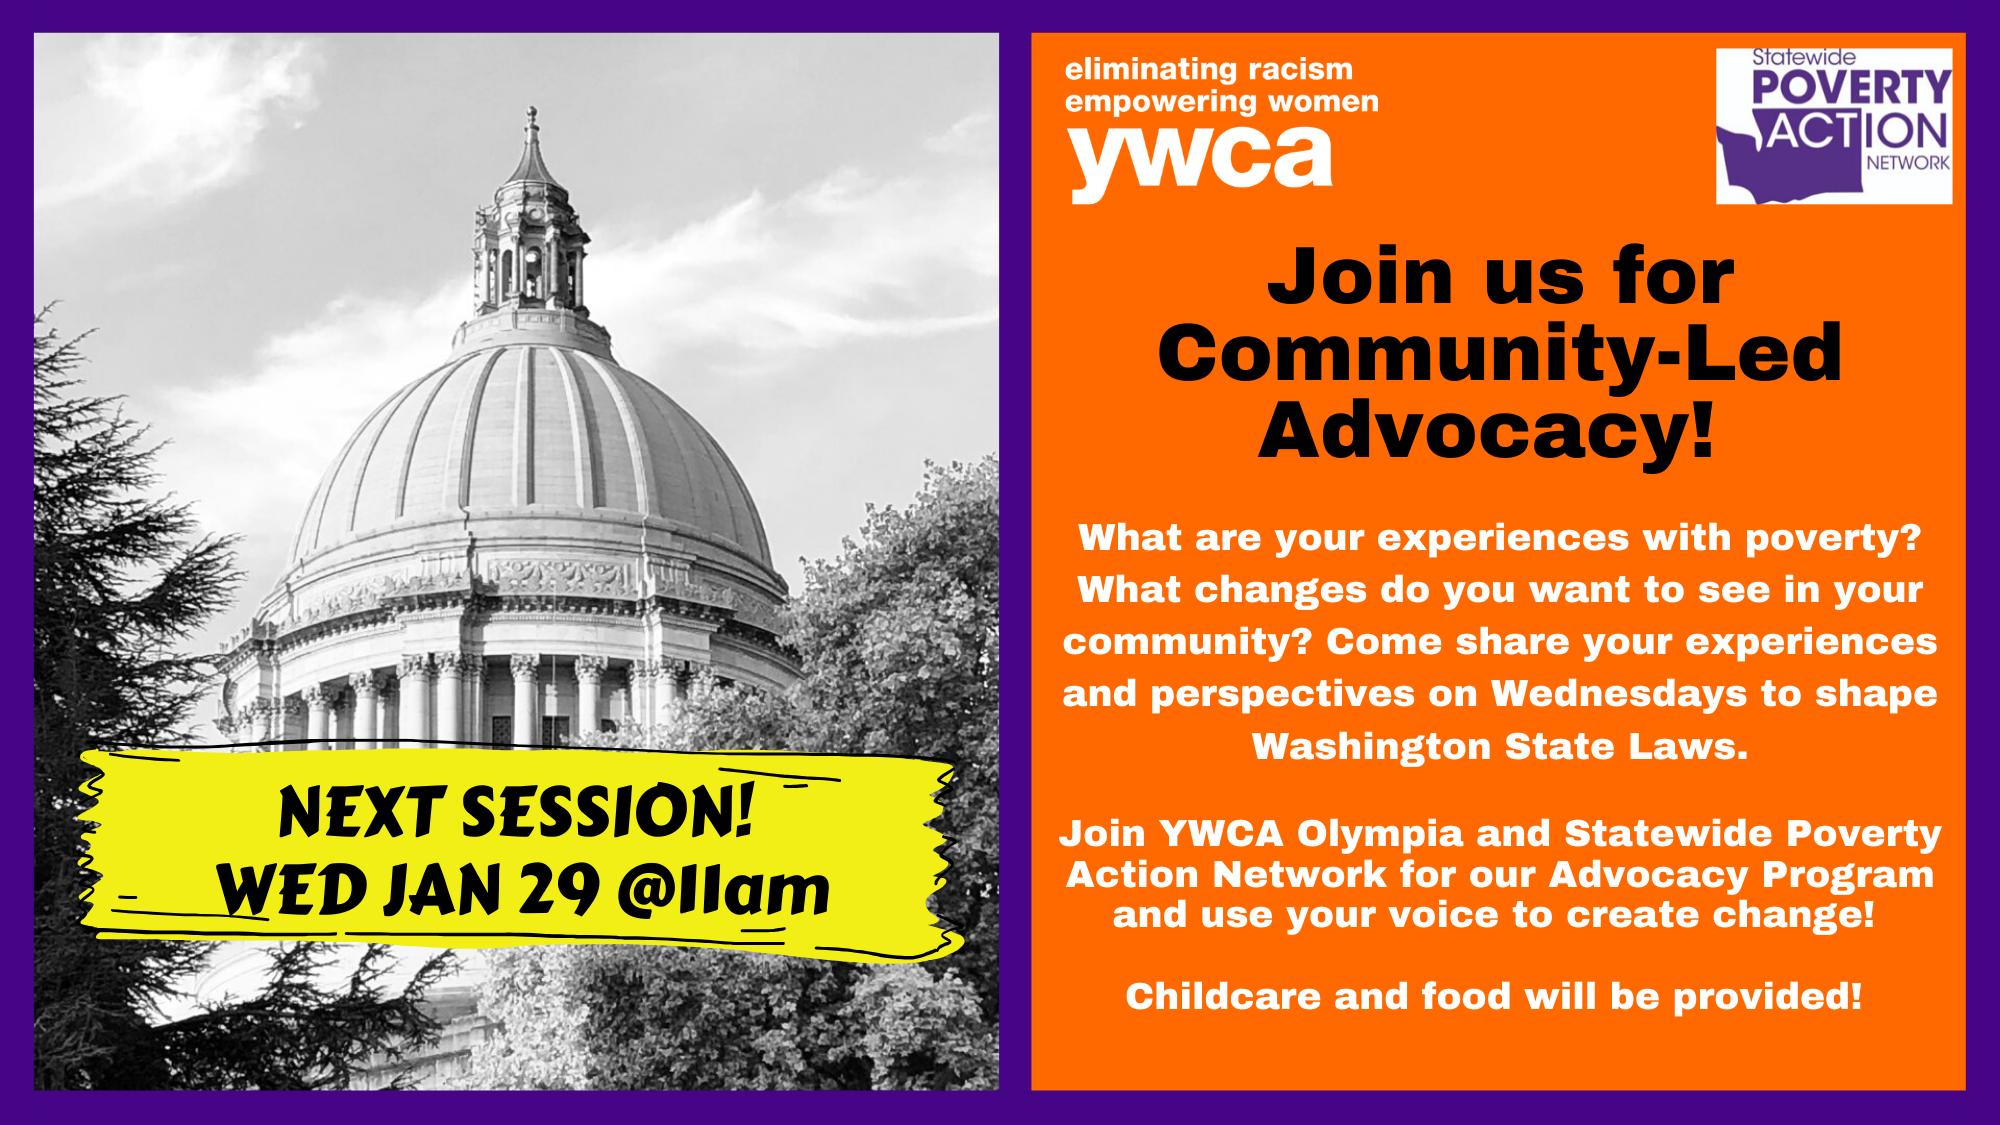 YWCA & Statewide Poverty Action Network Advocacy Program @ YWCA Olympia